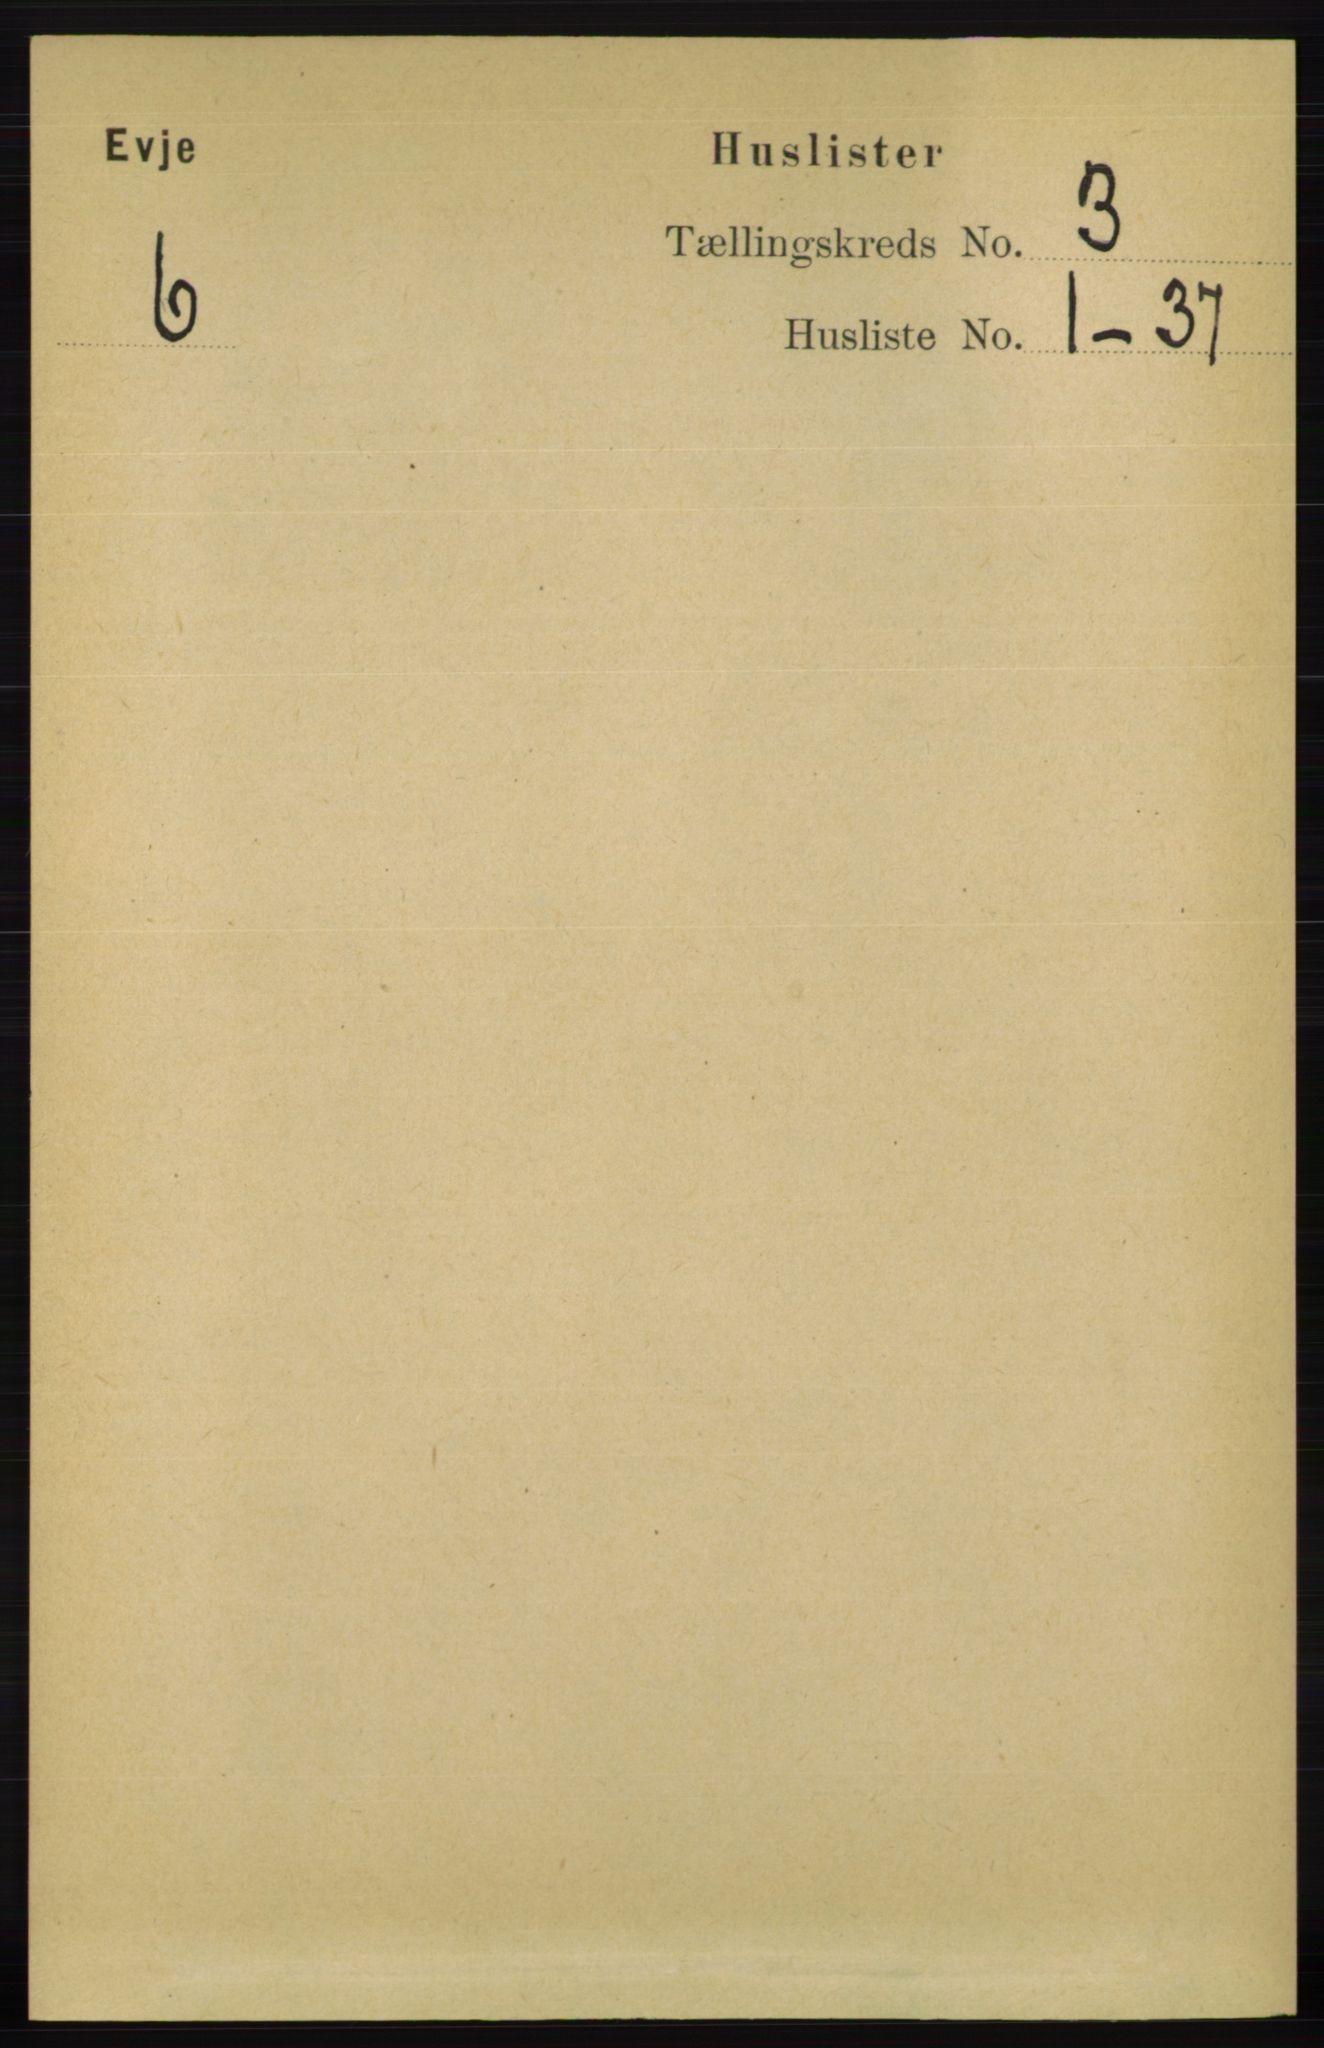 RA, Folketelling 1891 for 0937 Evje herred, 1891, s. 615